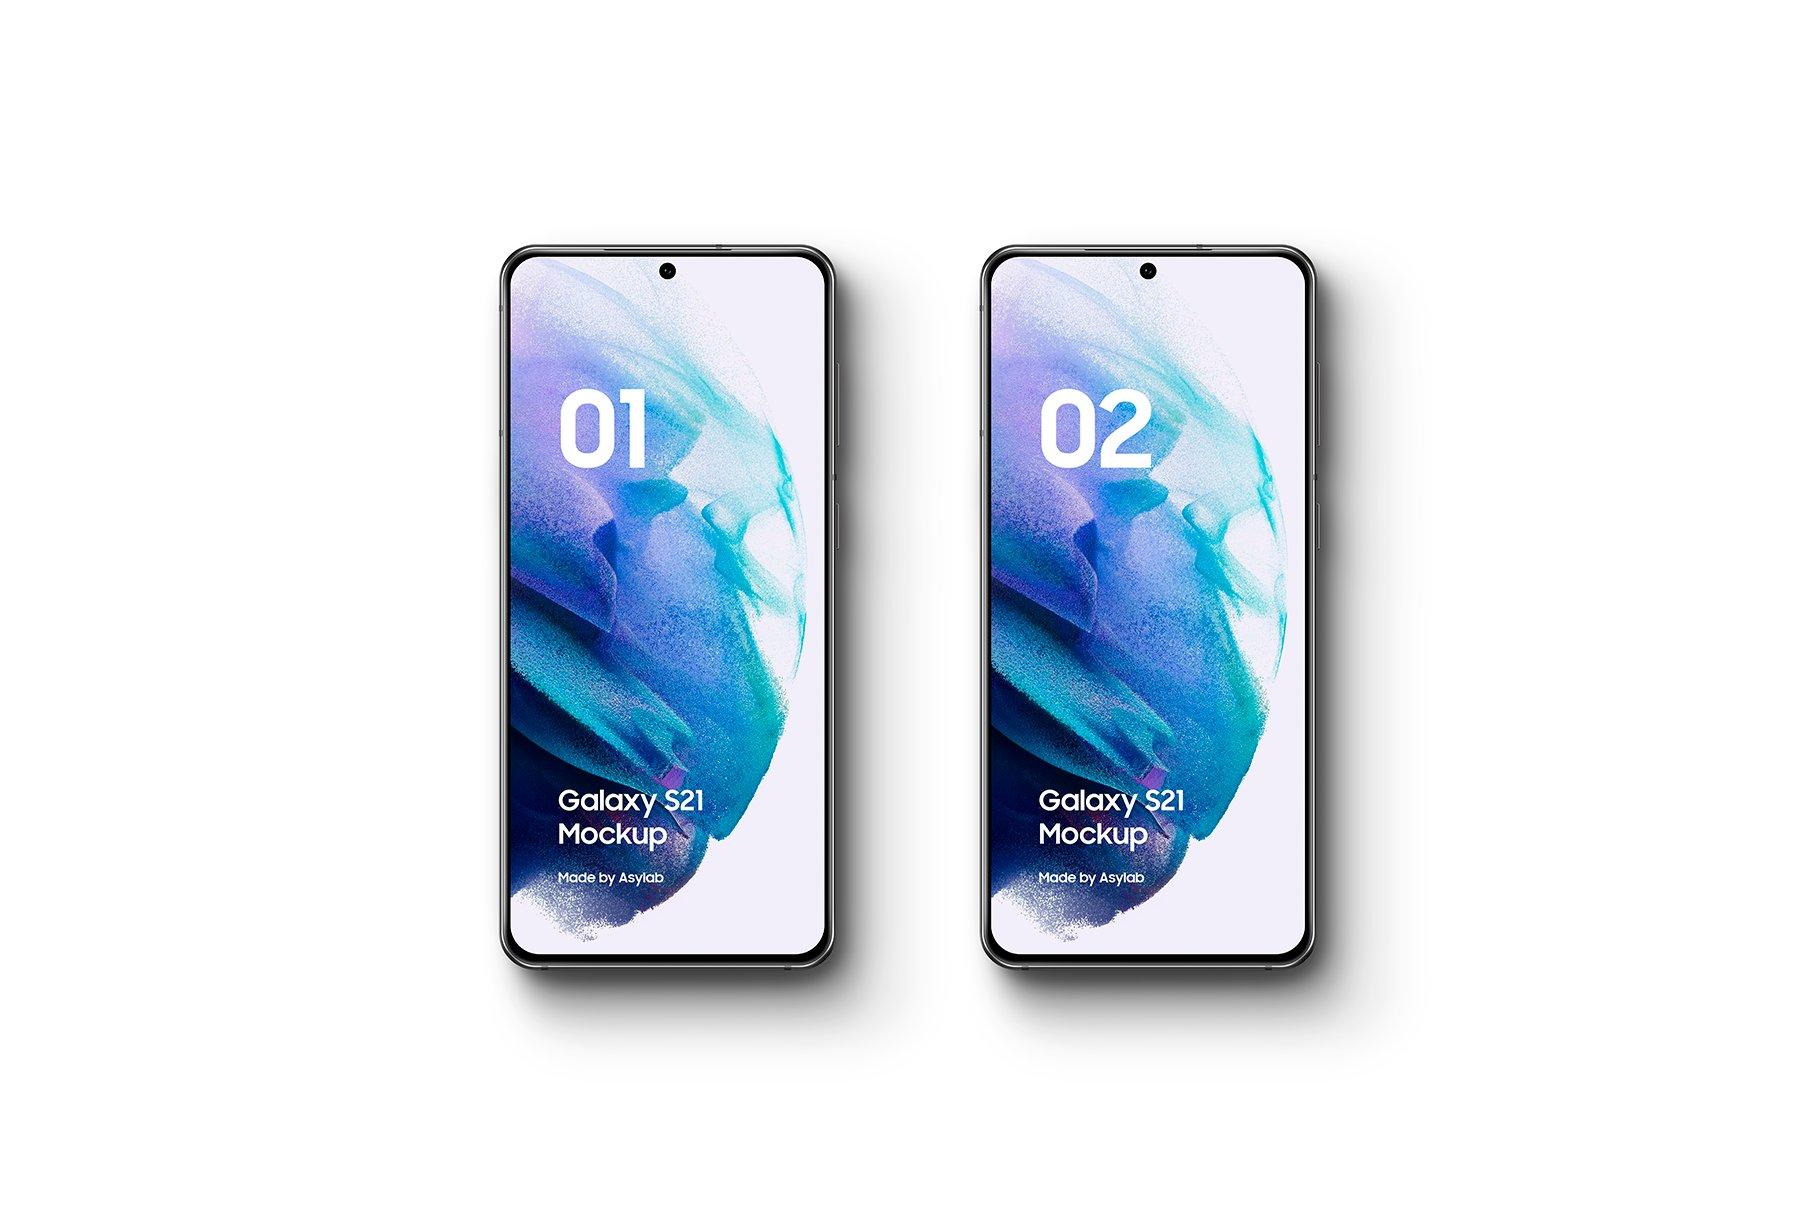 [单独购买] 20款三星Galaxy S21手机网站APP界面设计演示样机模板套件 Galaxy S21 – 20 Mockups Scenes插图6